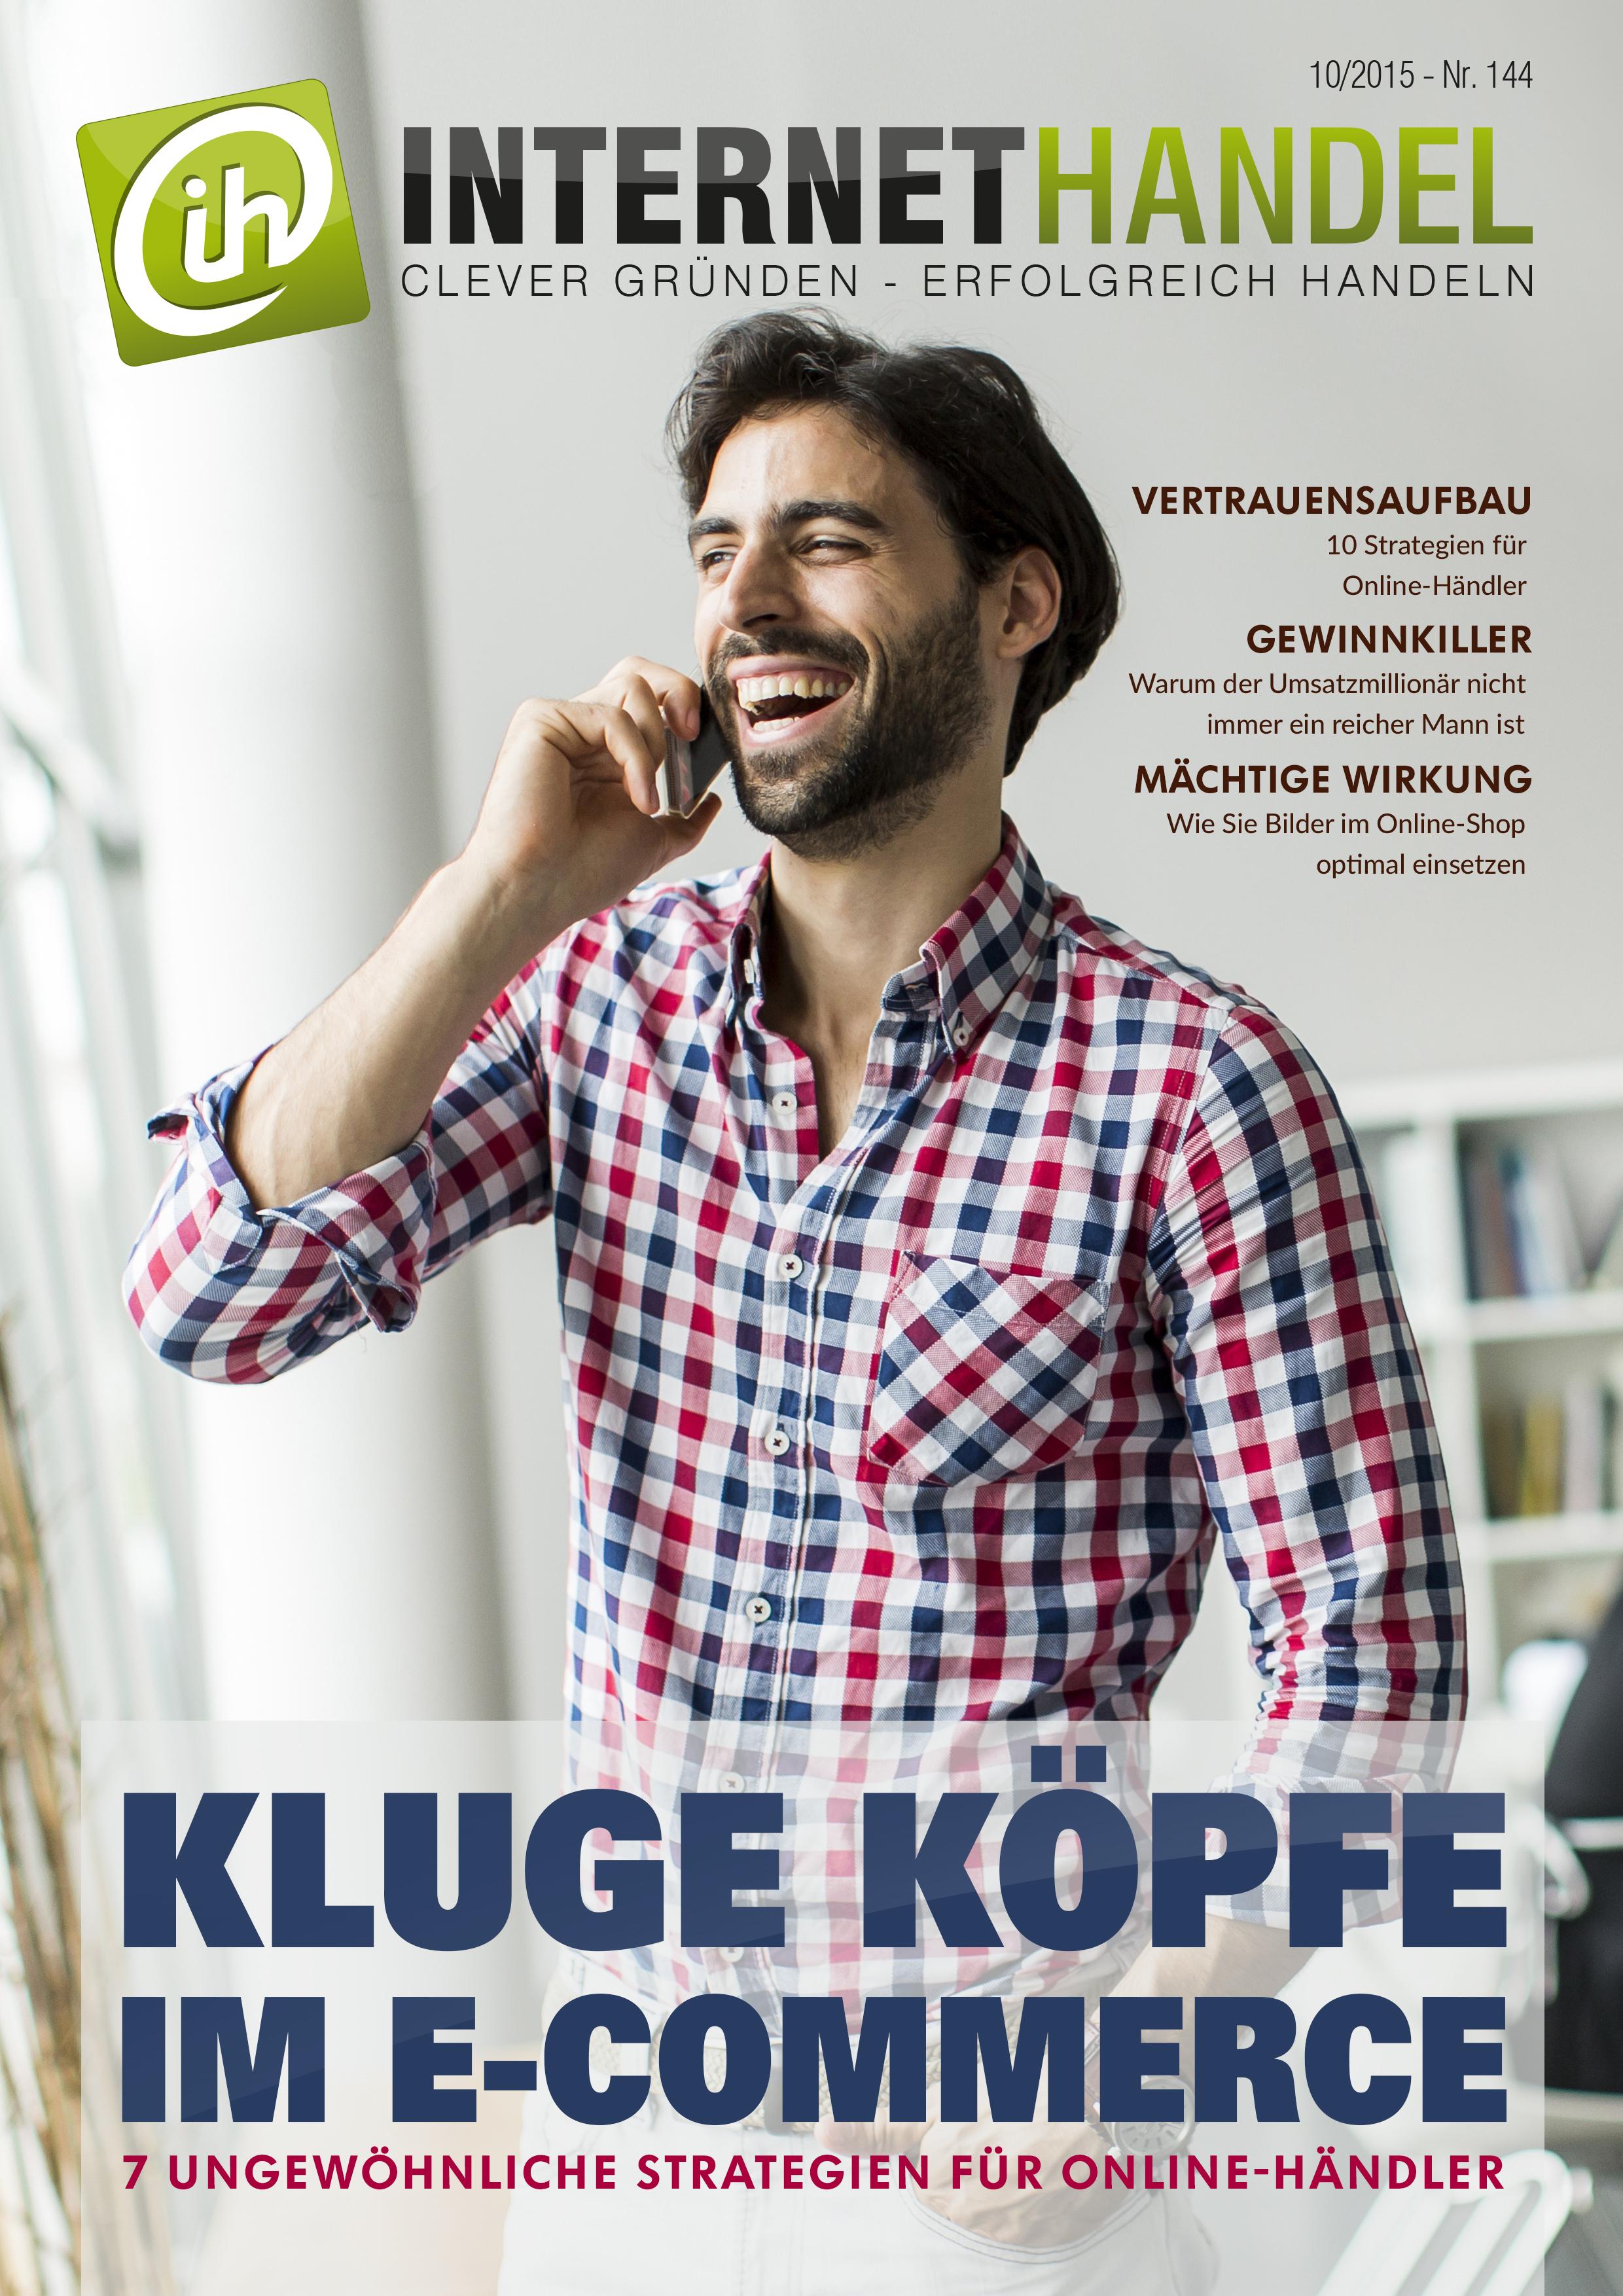 Titelbild-Internethandel-de-Nr-144-10-2015-Kluge-Koepfe-im-E-Commerce